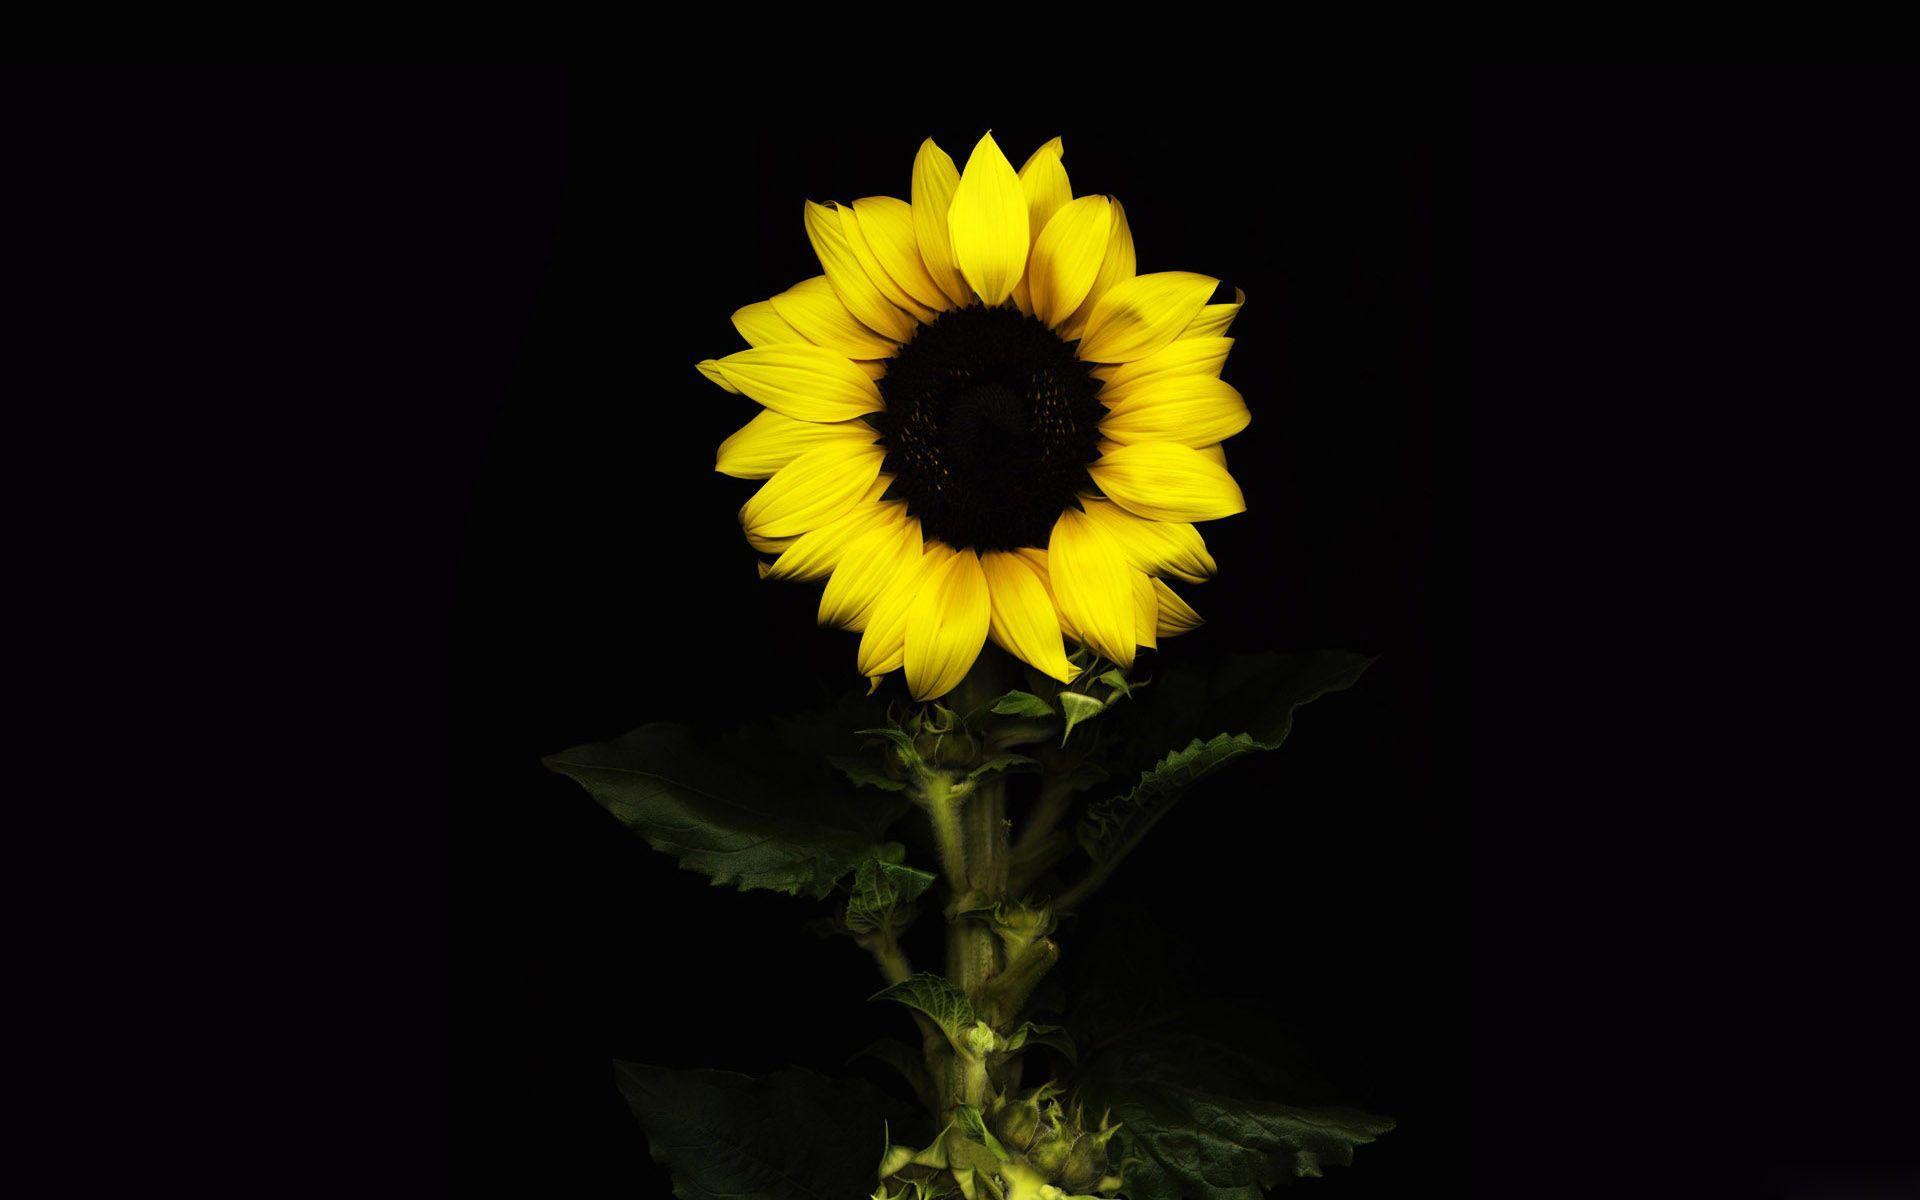 sunflower tumblr wallpaper full - photo #27